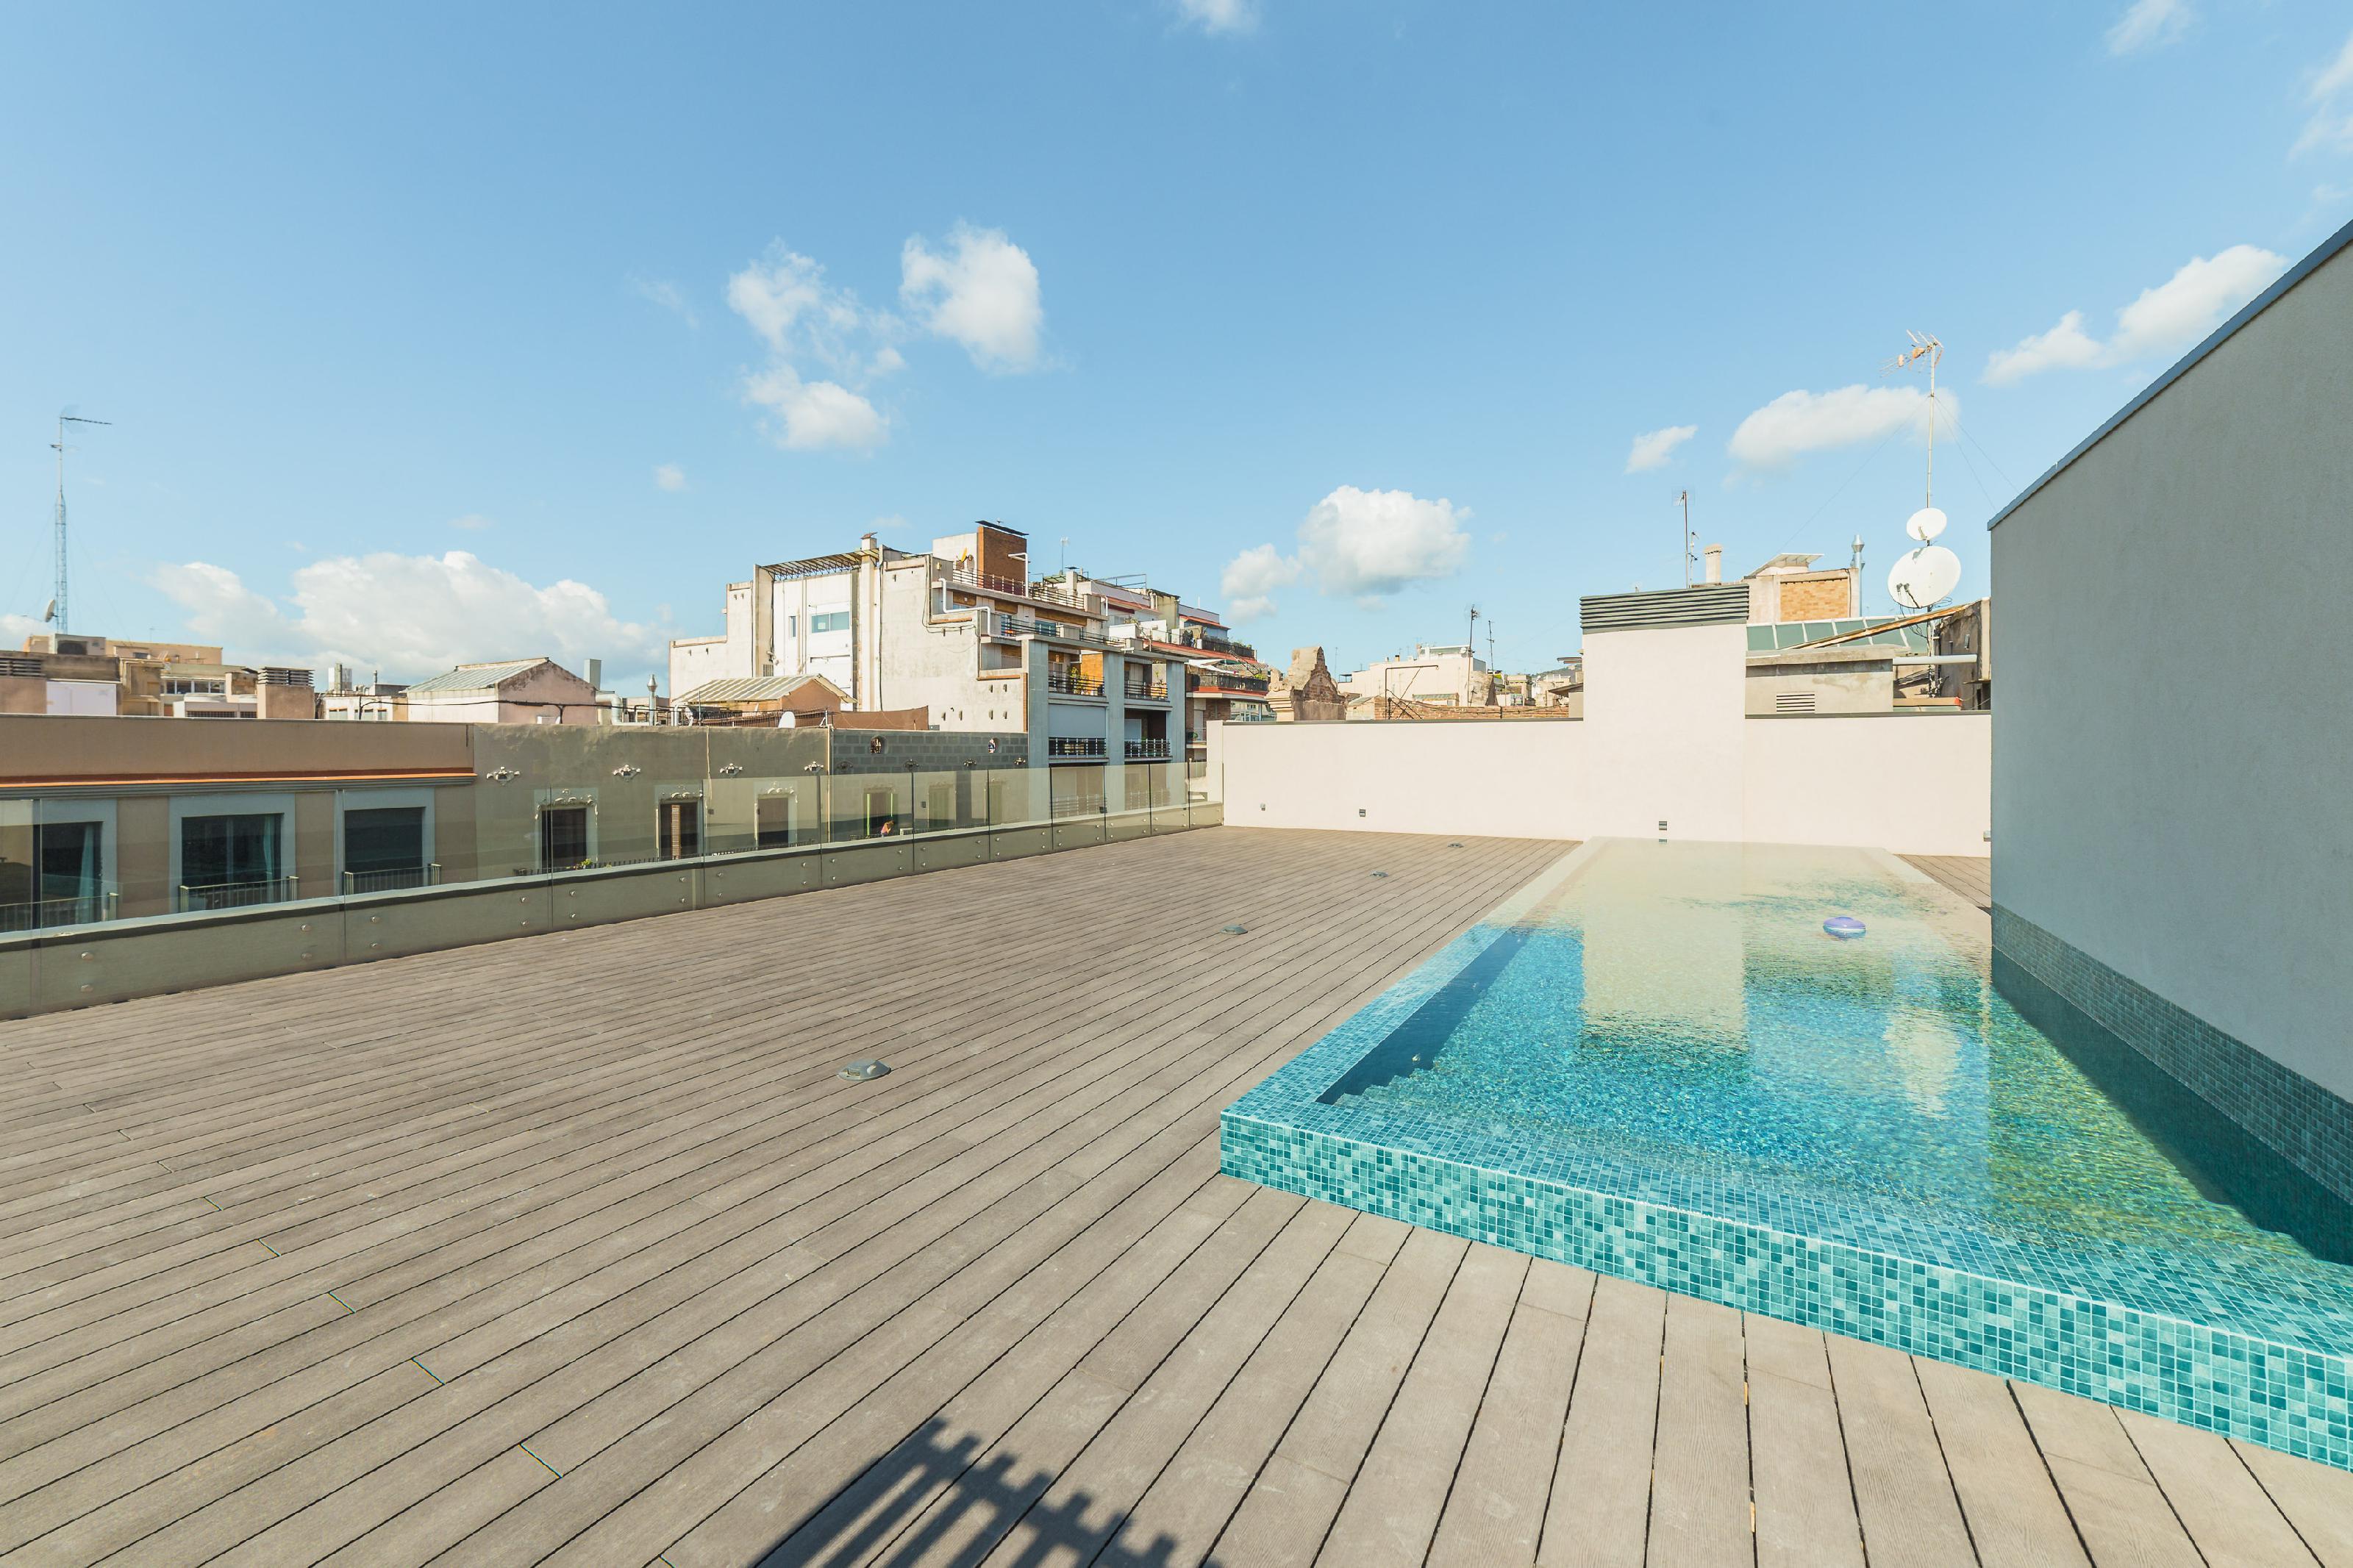 251949 Apartment for sale in Eixample, Antiga Esquerre Eixample 30